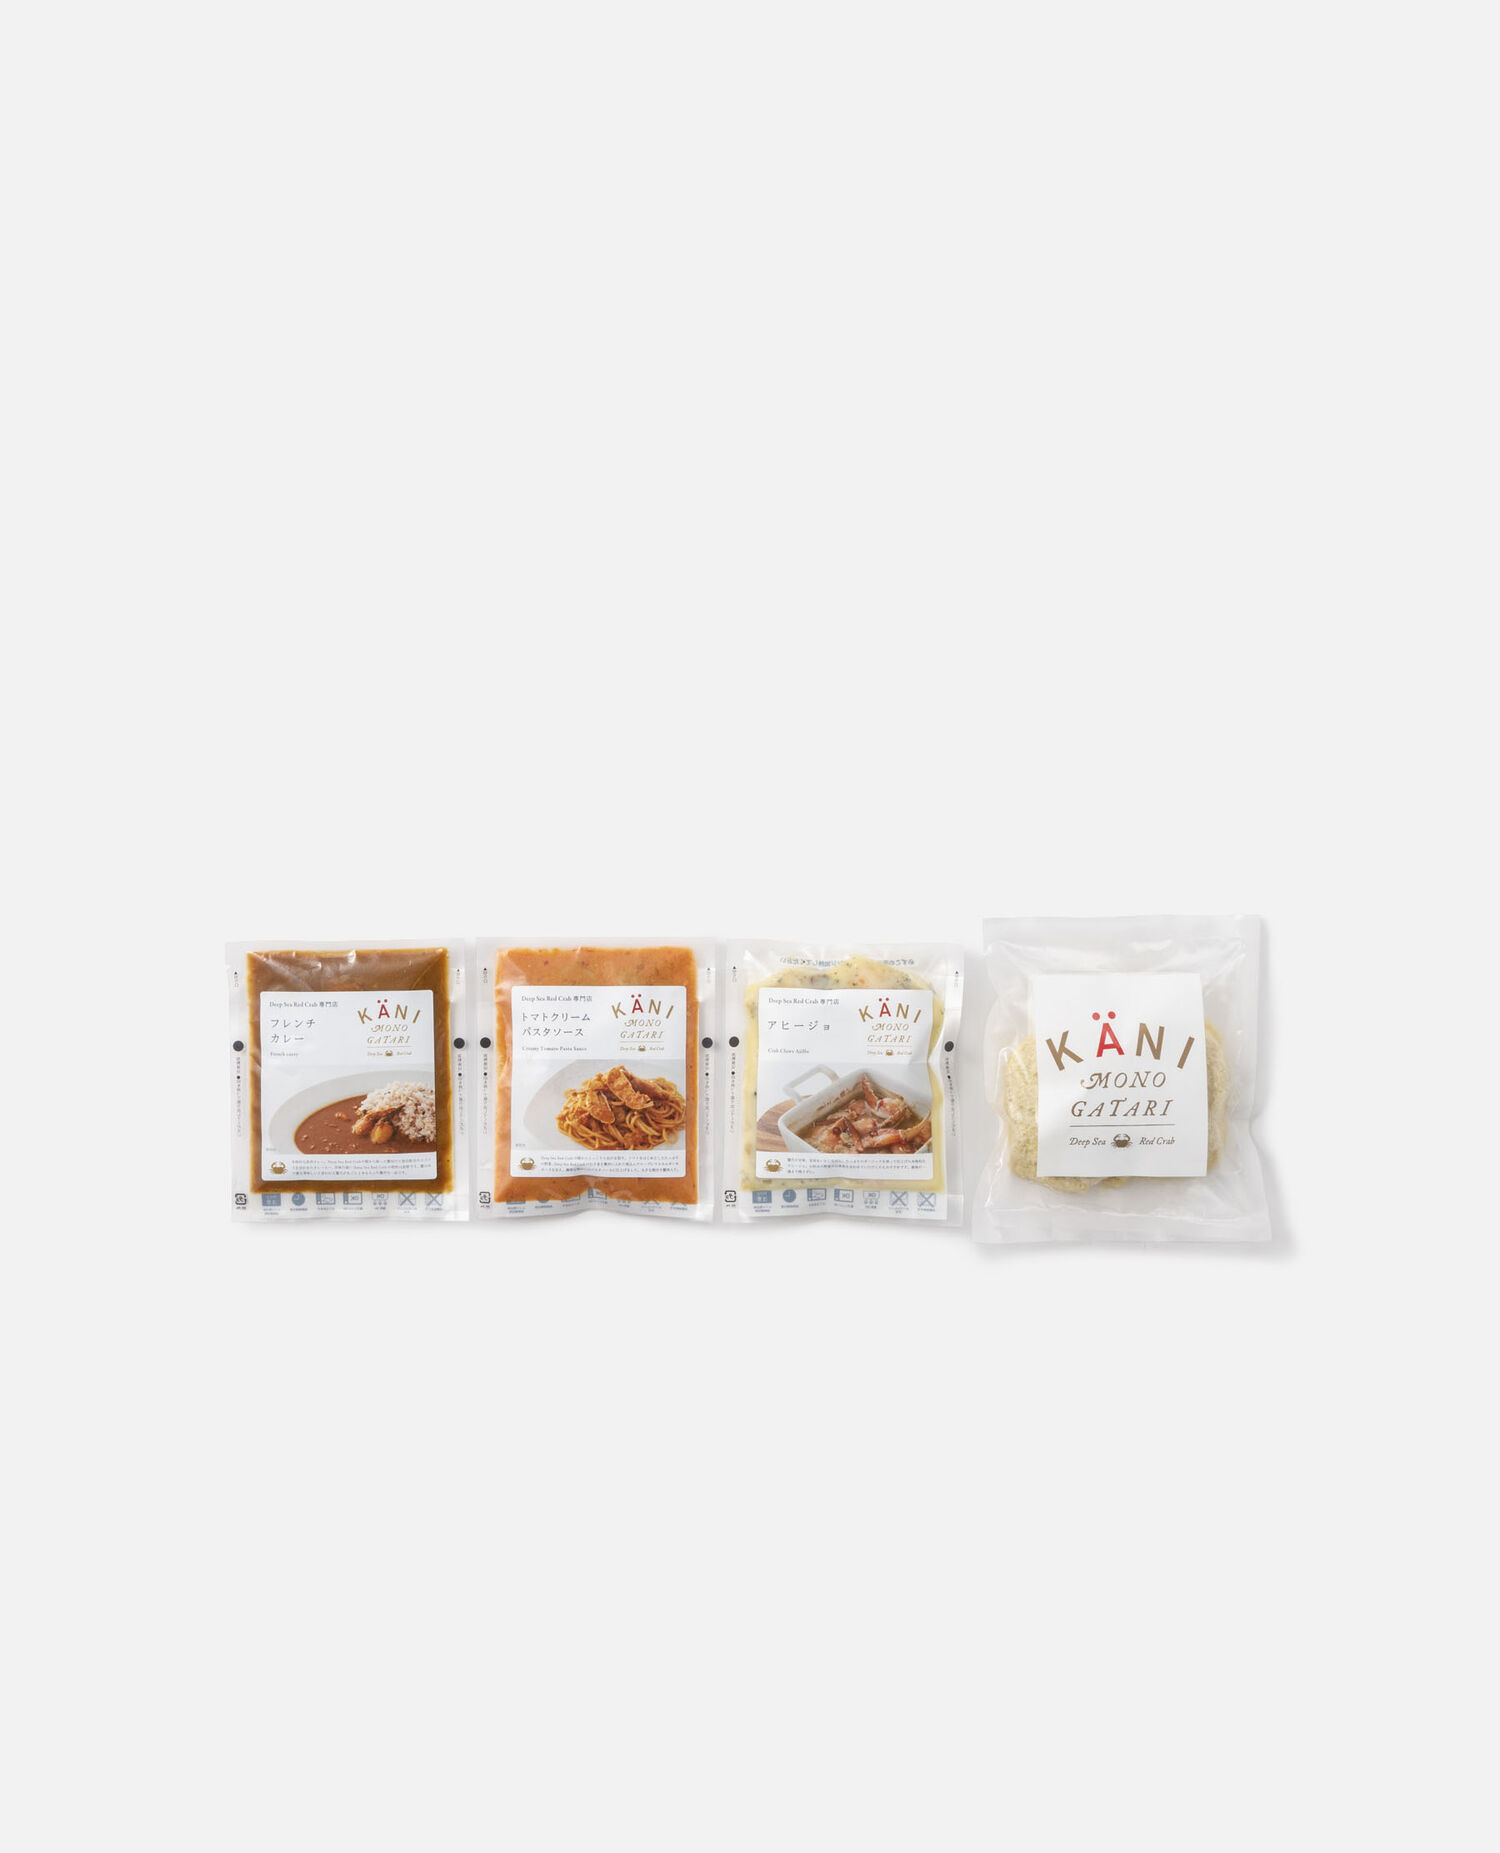 蟹レトルトと蟹メンチのセット